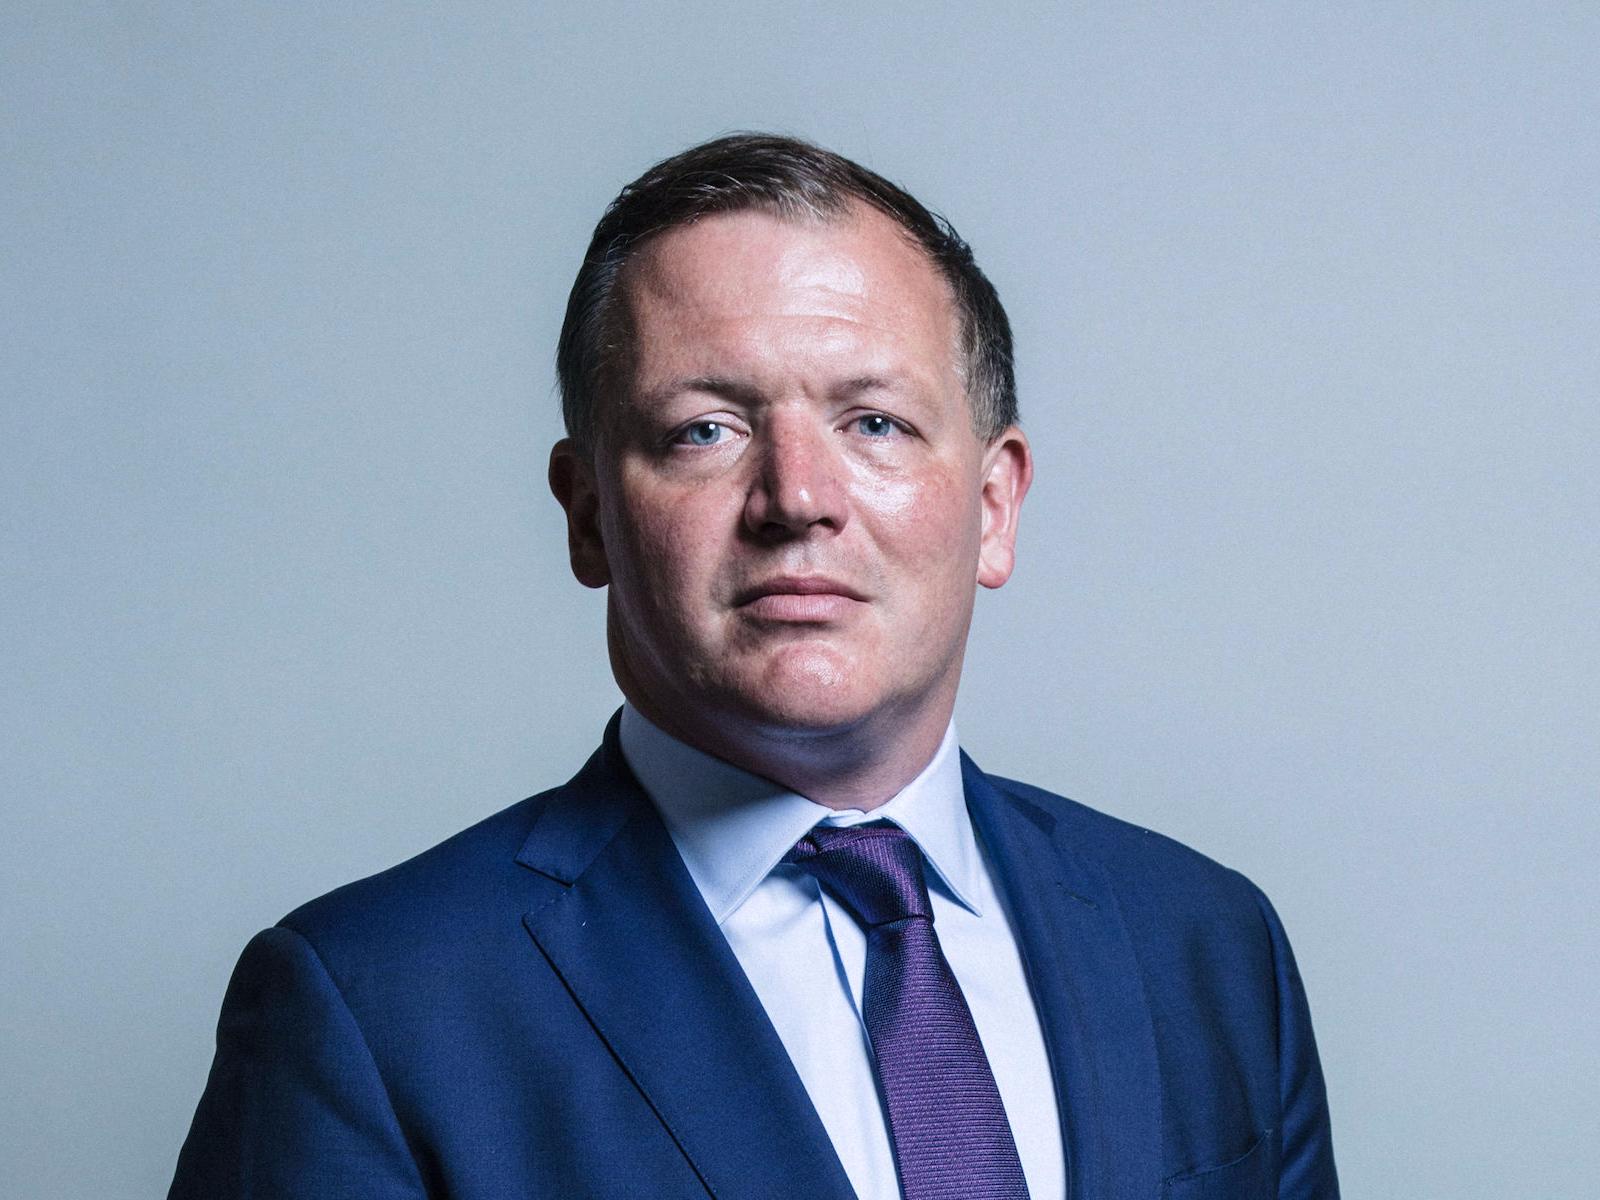 Damian Collins MP portrait